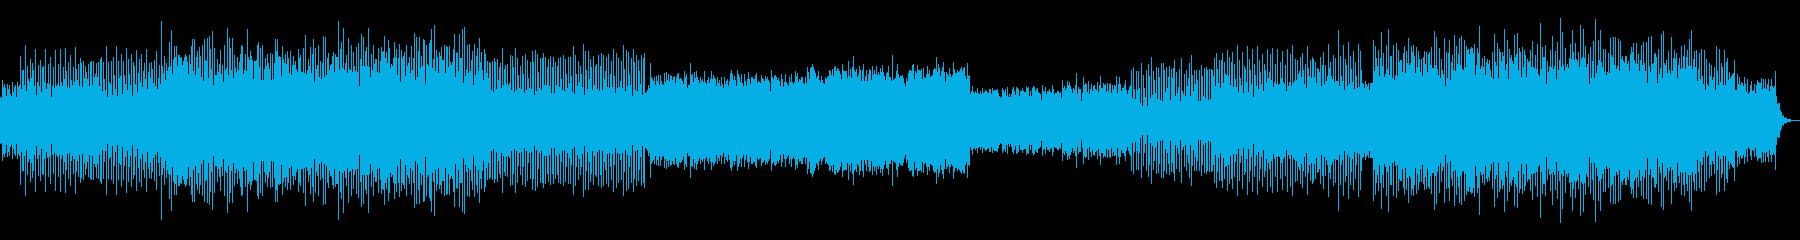 ★リズム・ビートに溢れた迫力のあるBGMの再生済みの波形